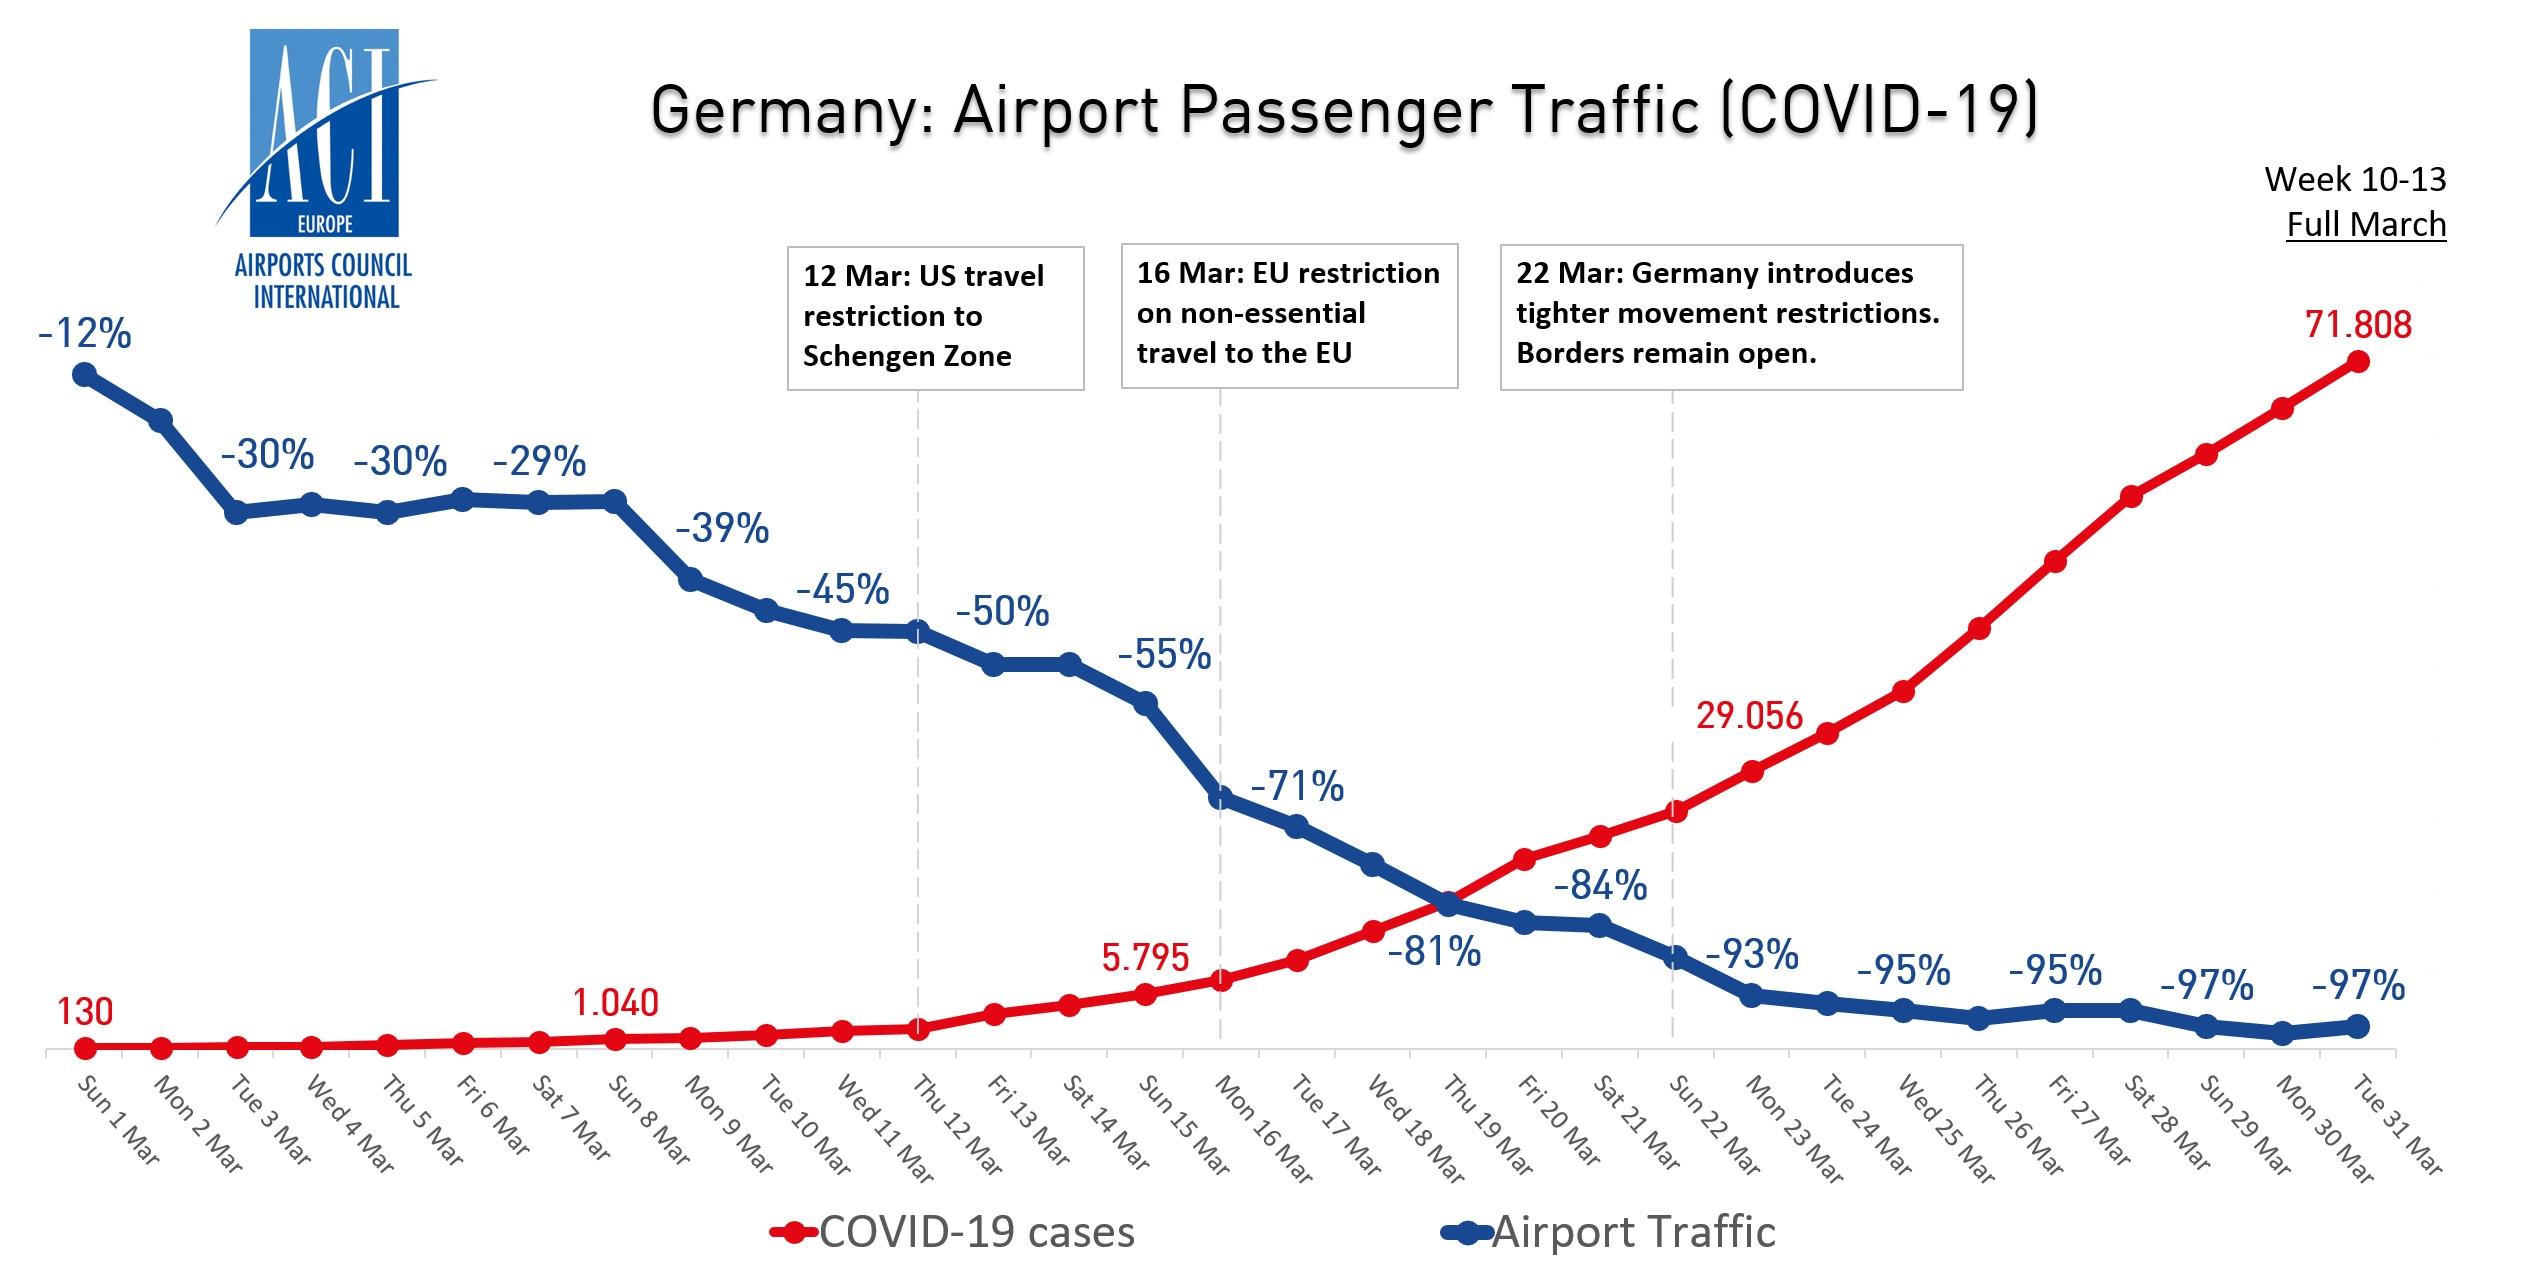 法国机场客流量与新冠病毒病例走势图